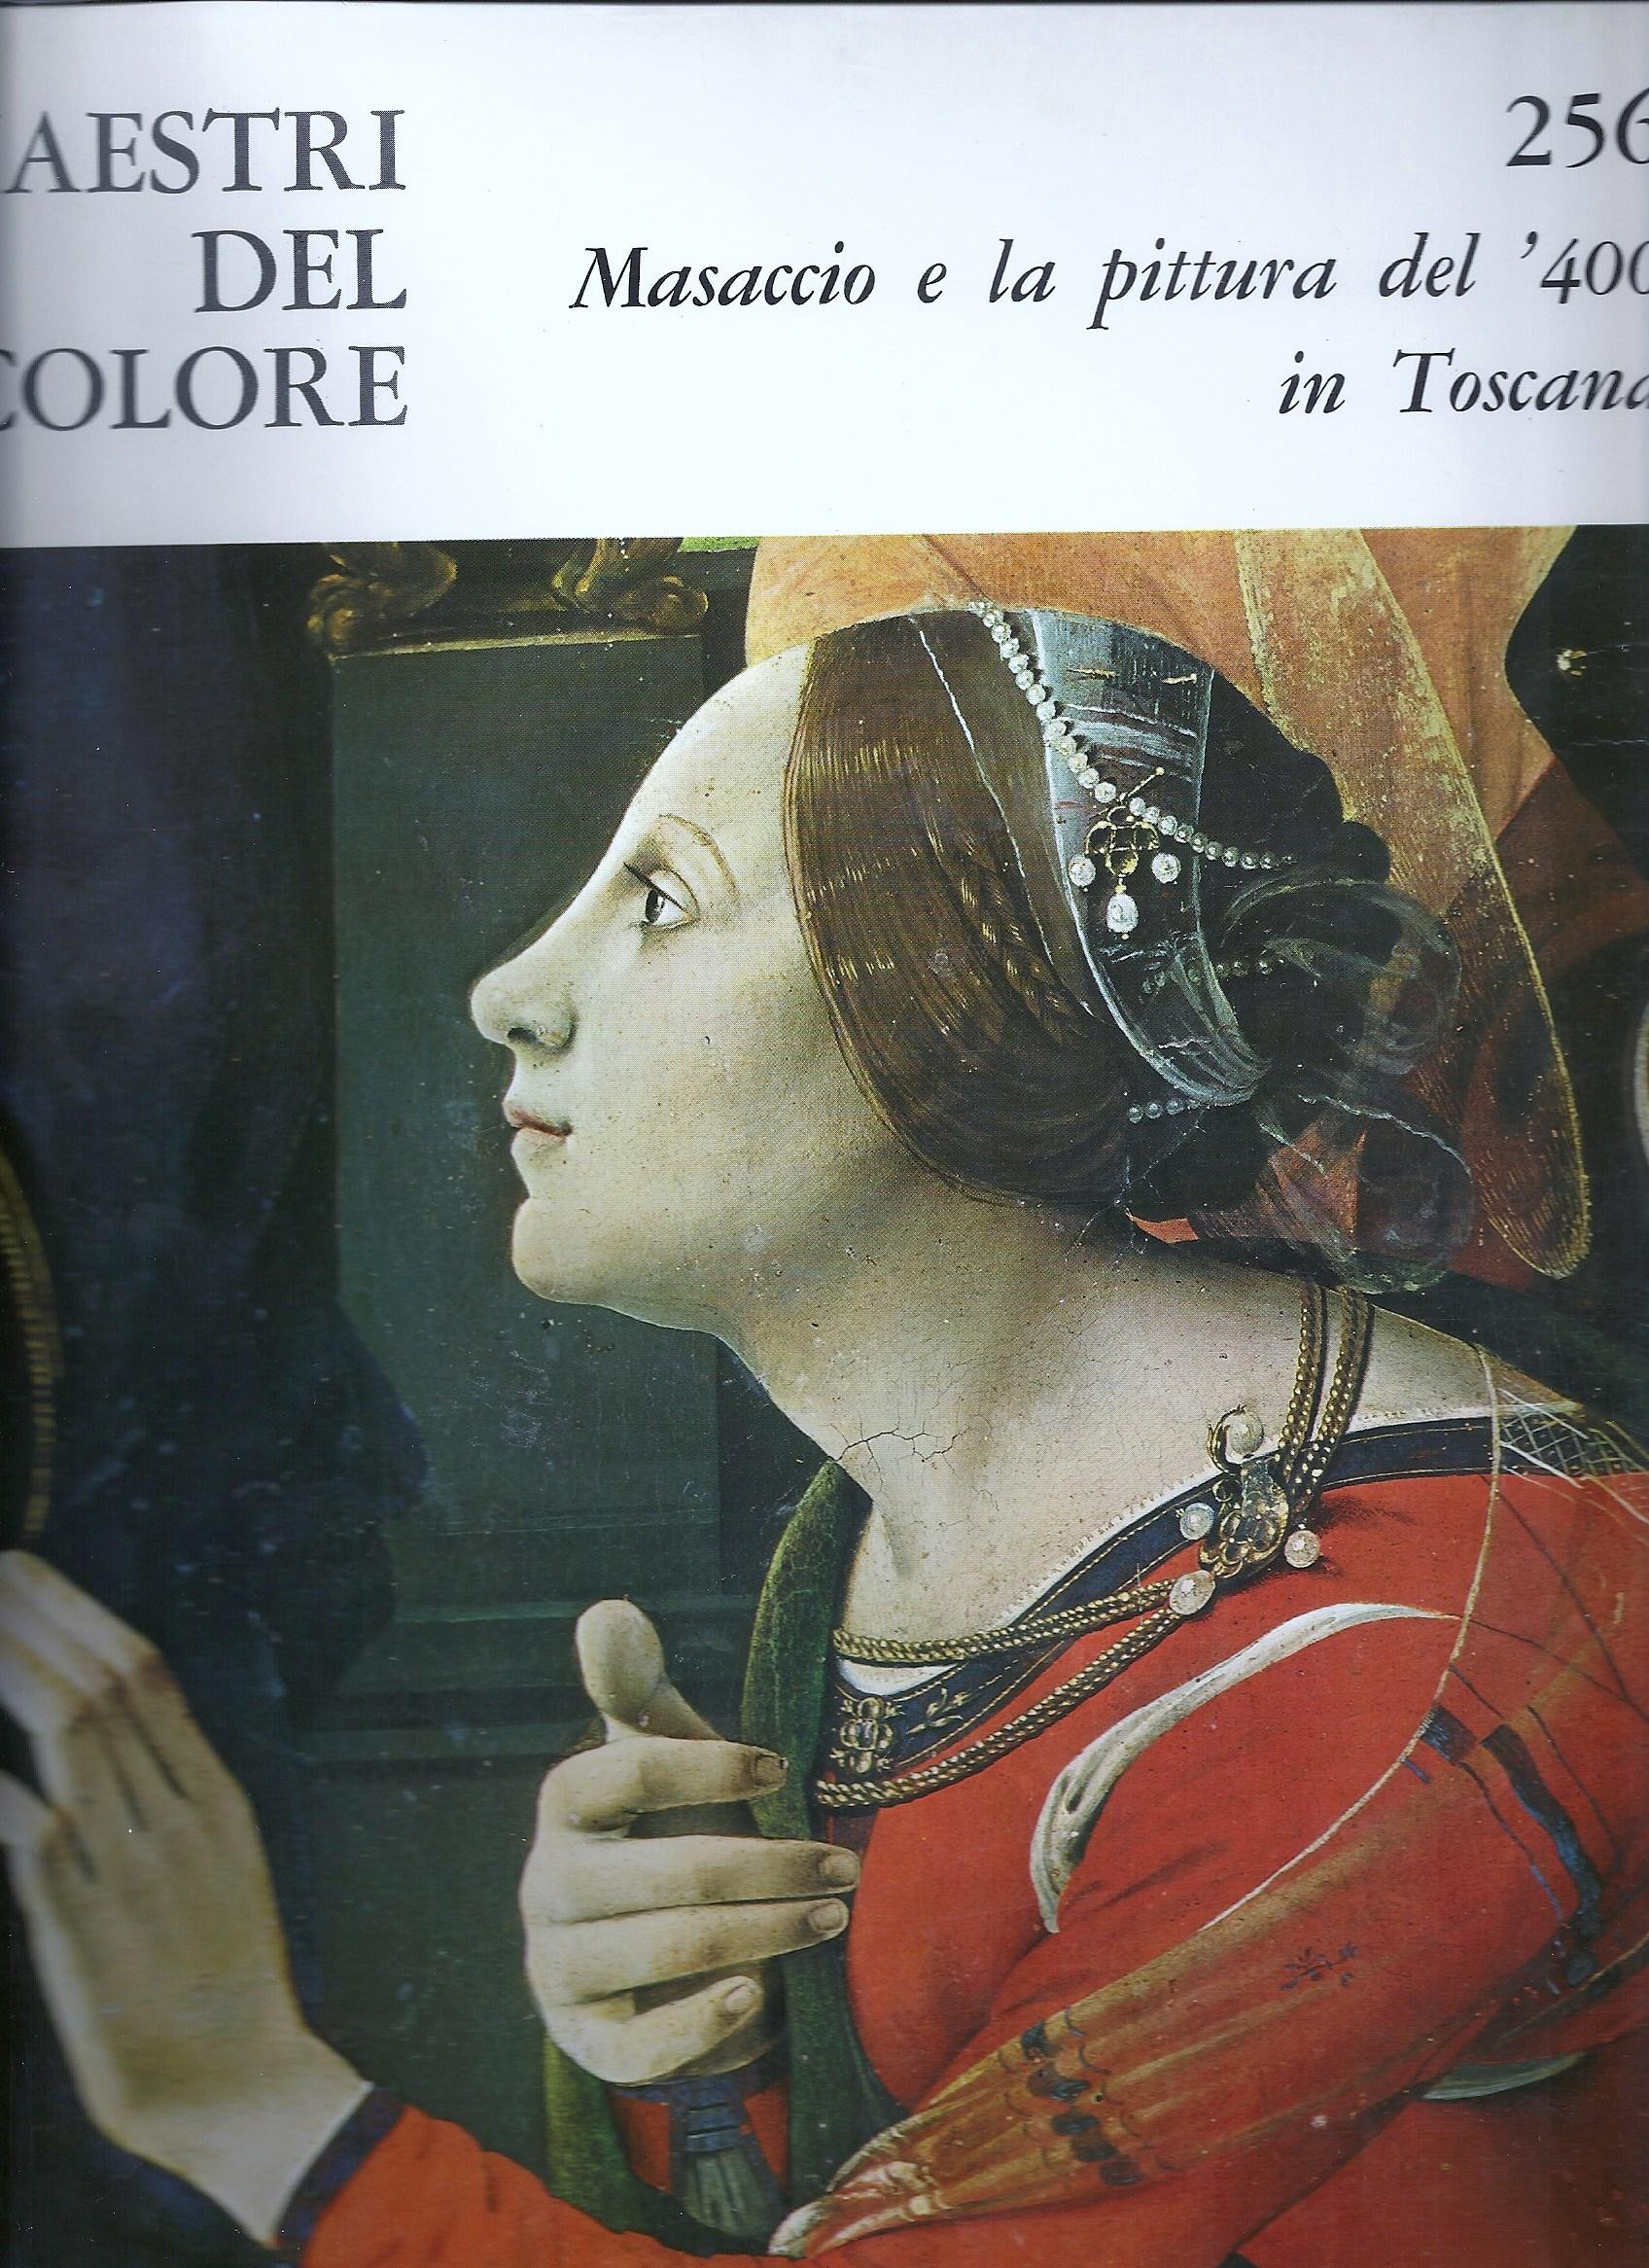 Masaccio e la pittura del '400 in Toscana